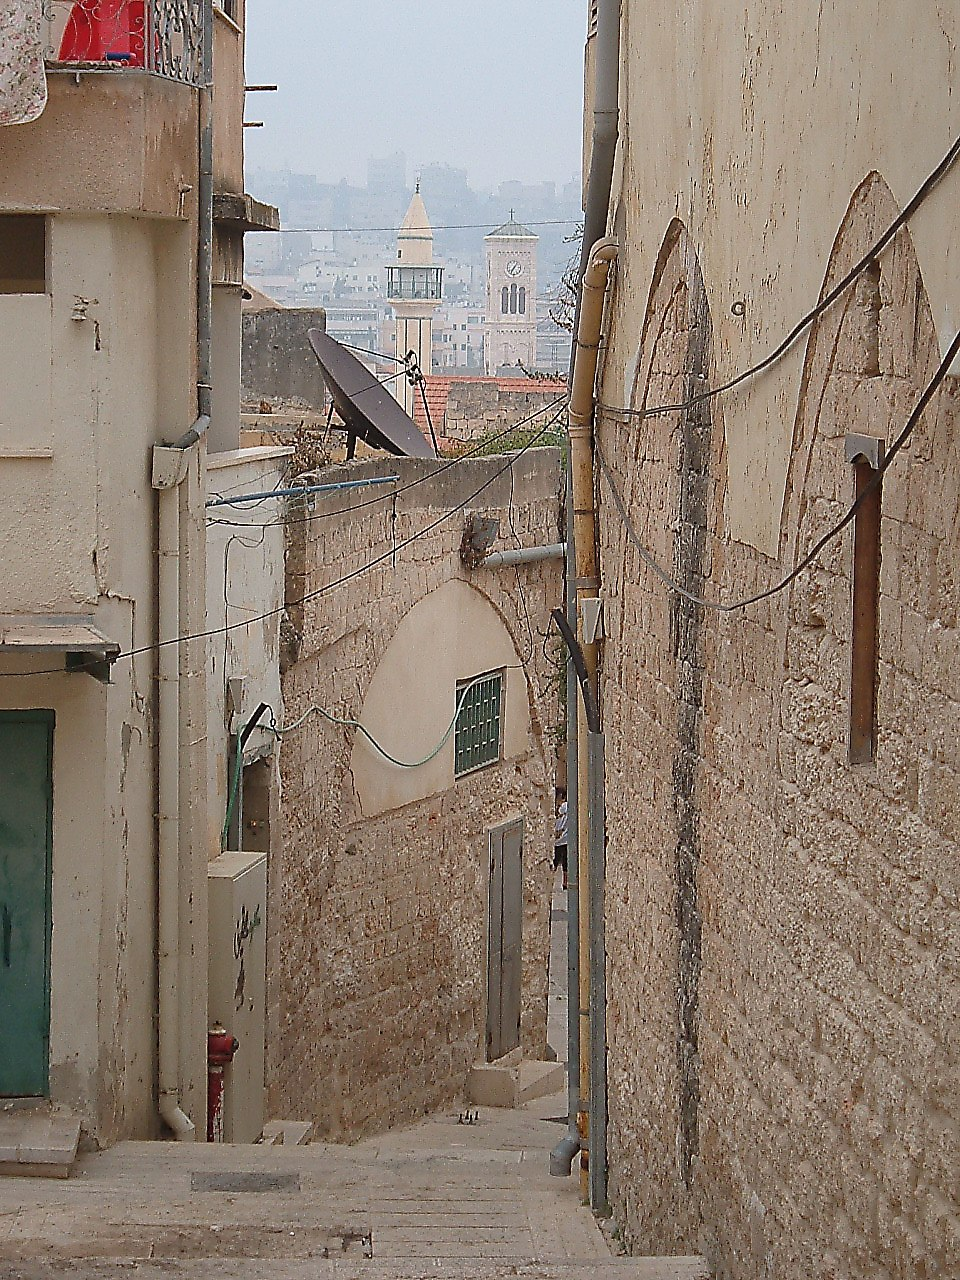 Nazarethfrom the Souq